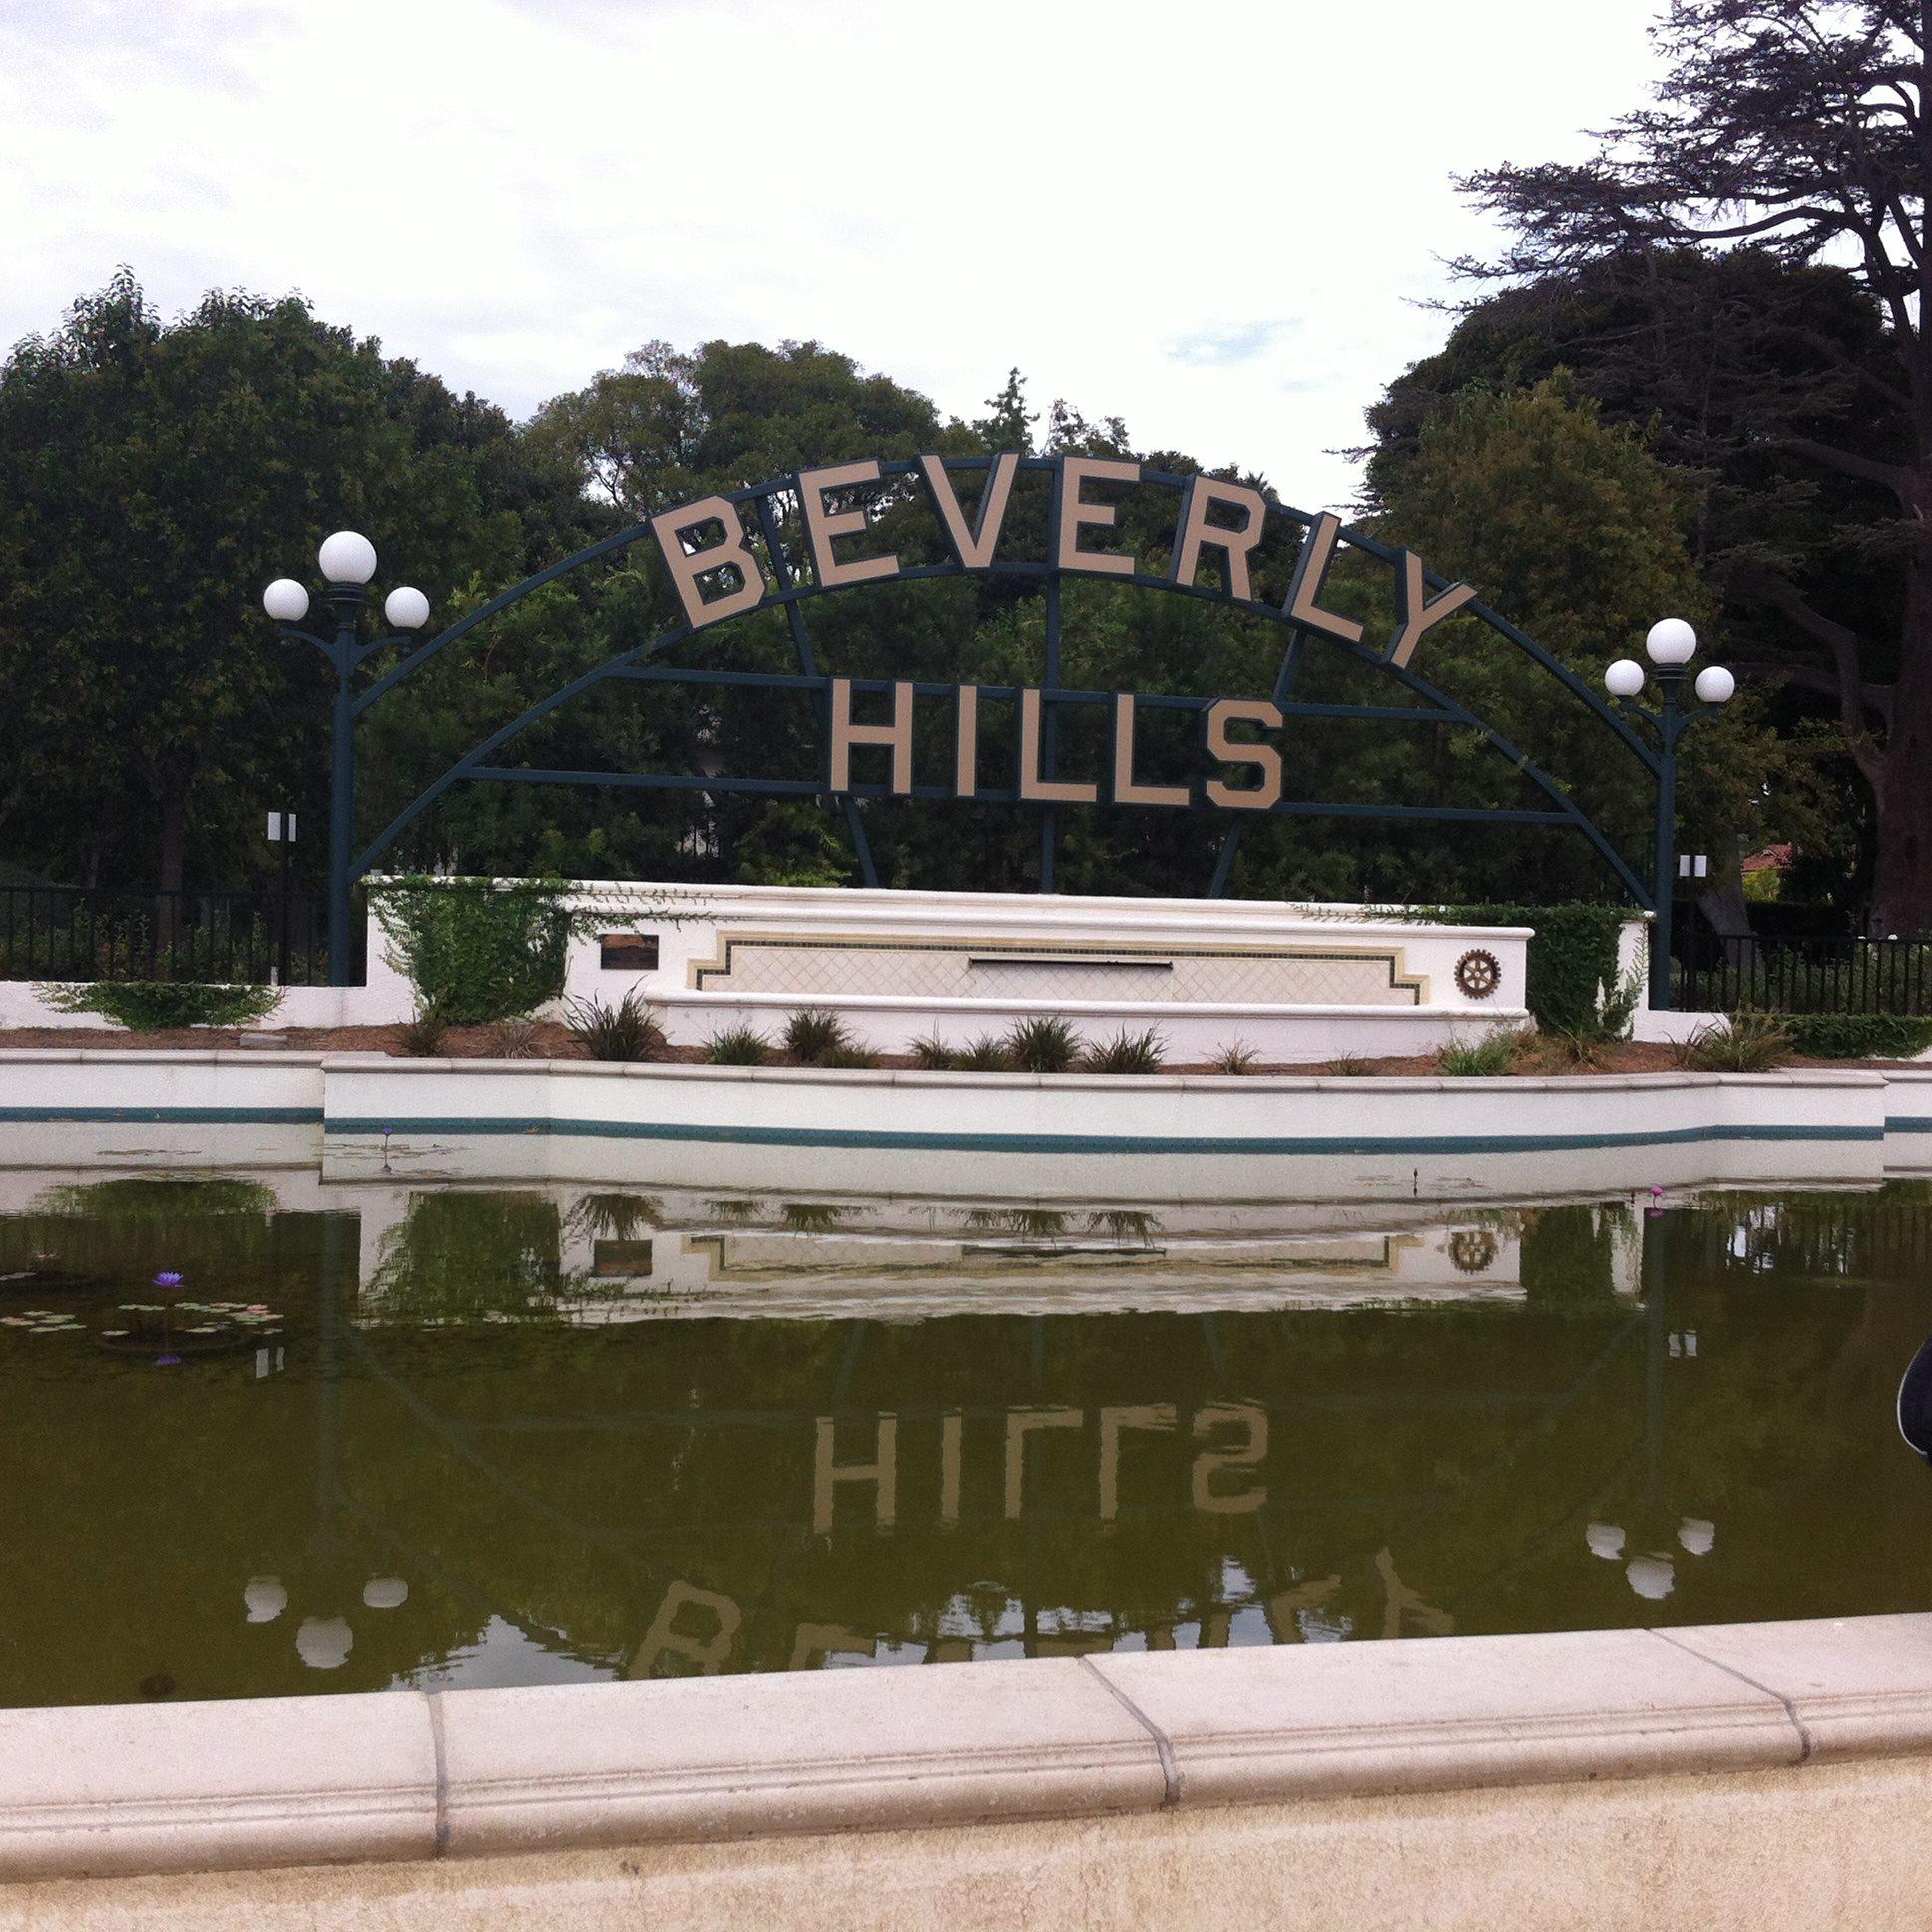 Utflykt till Beverly Hills